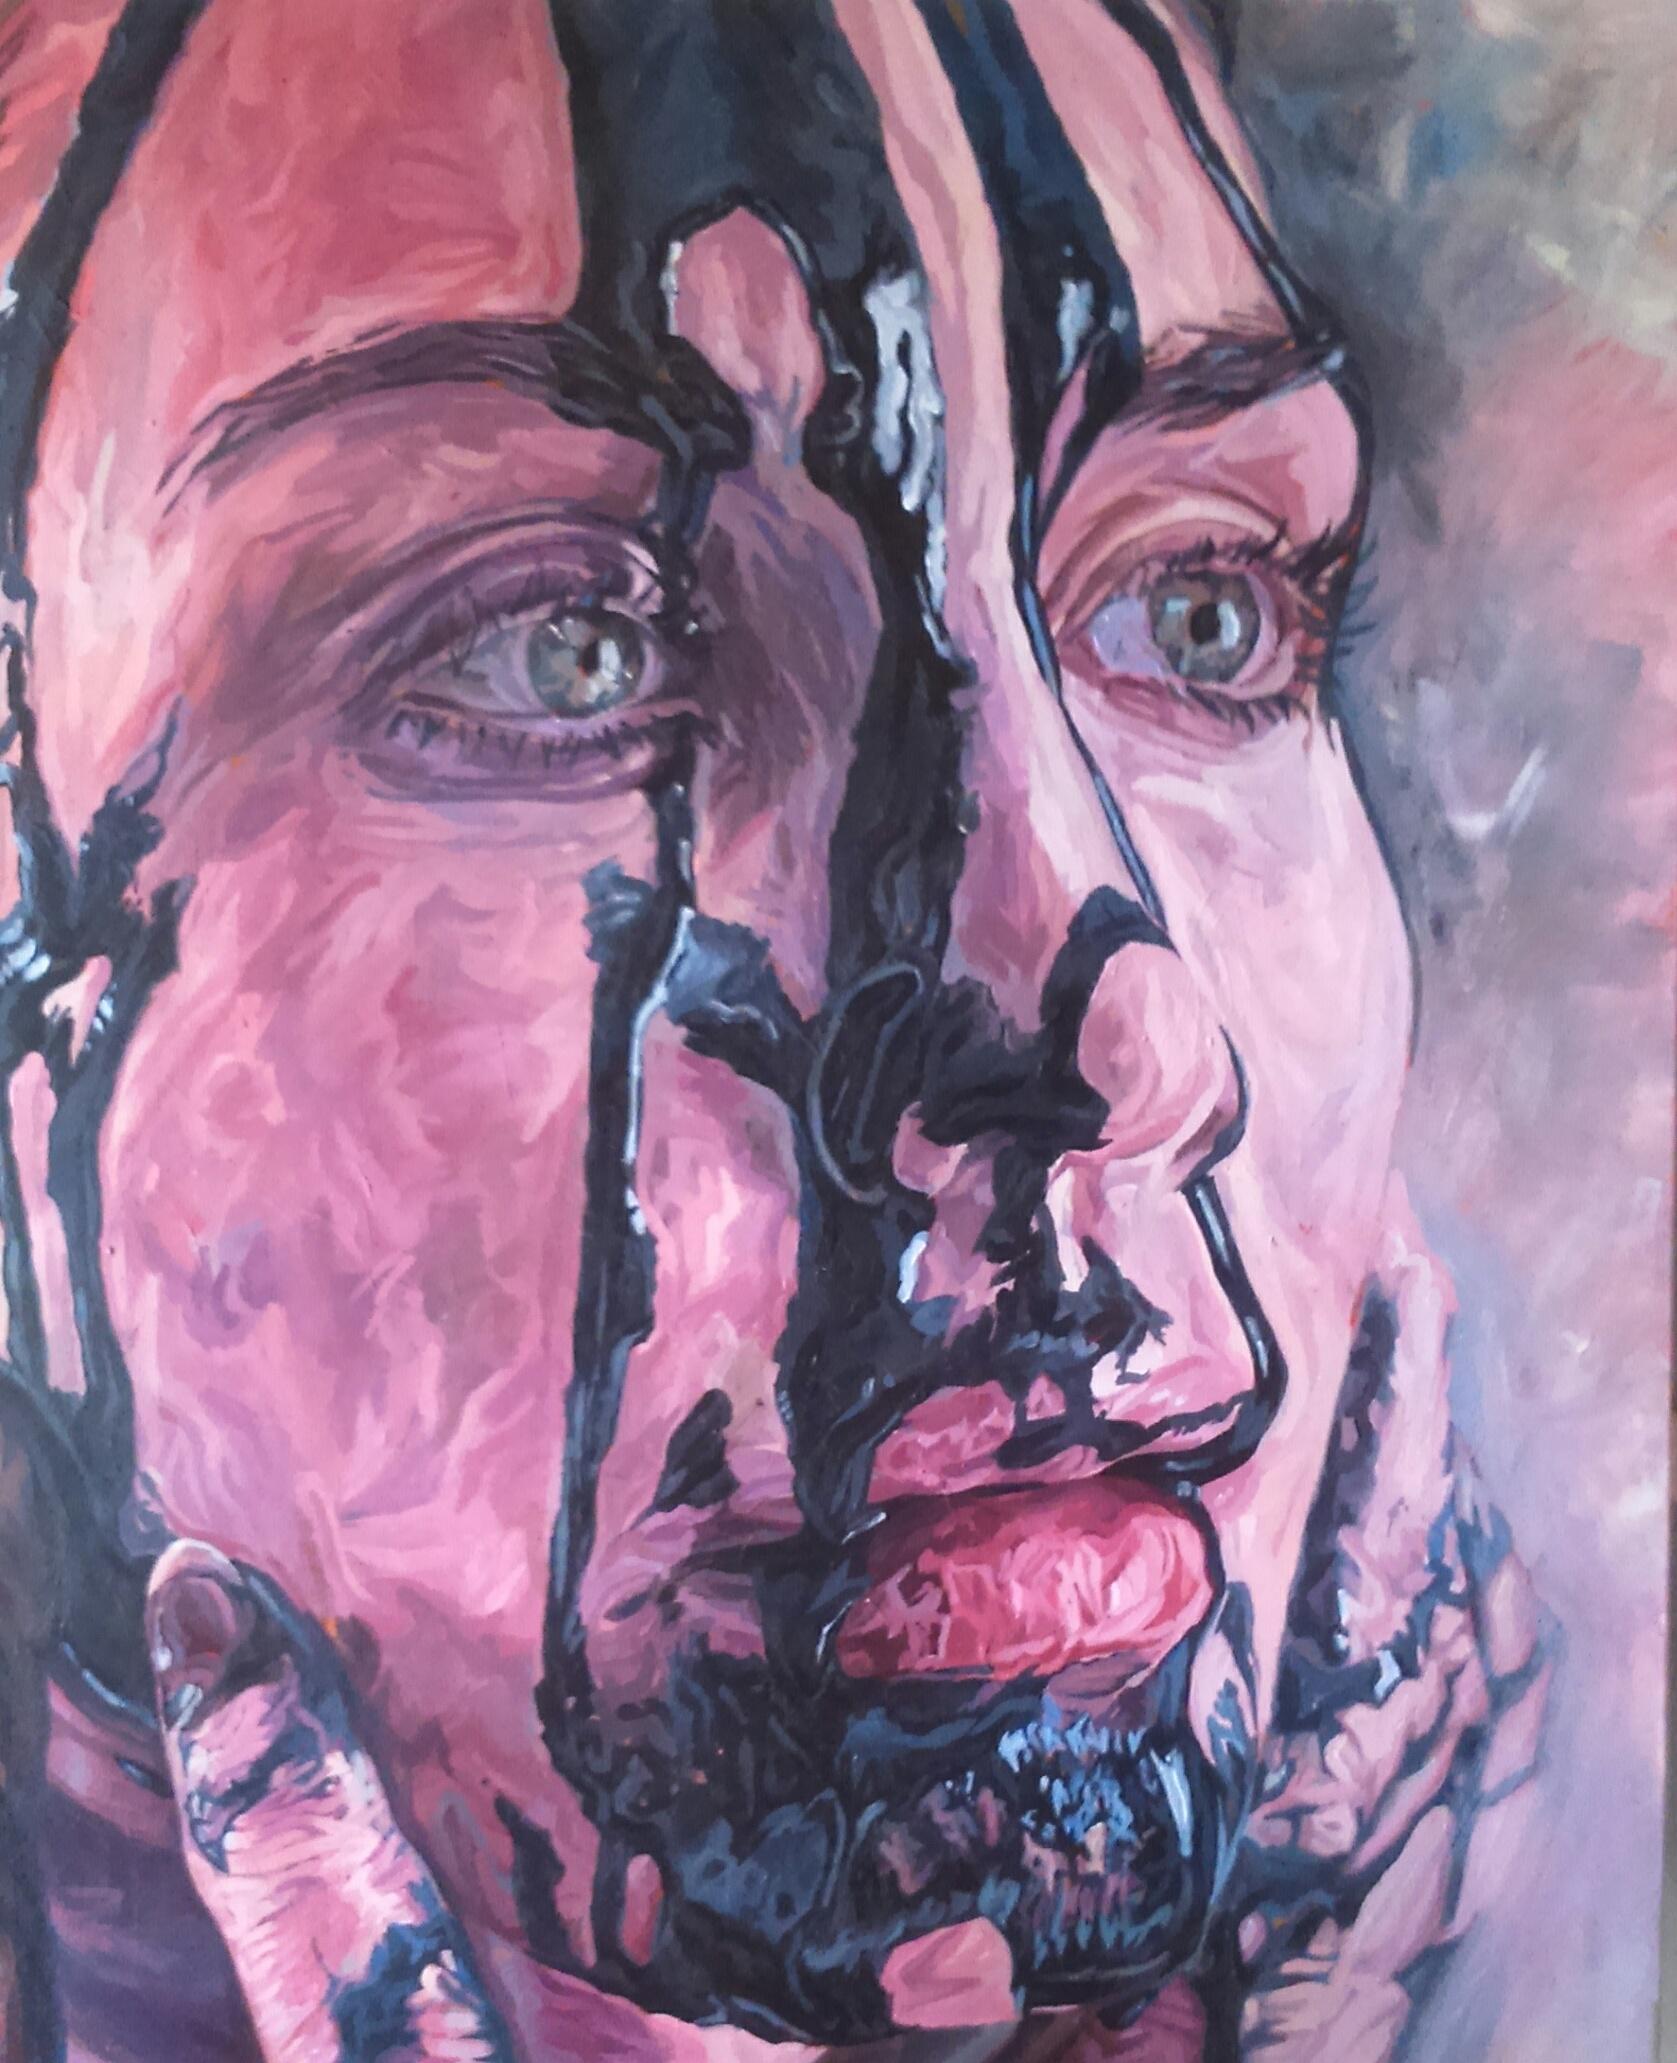 Waste  Acrylic on canvas | 81 x 100 cm (framed) |£1,500